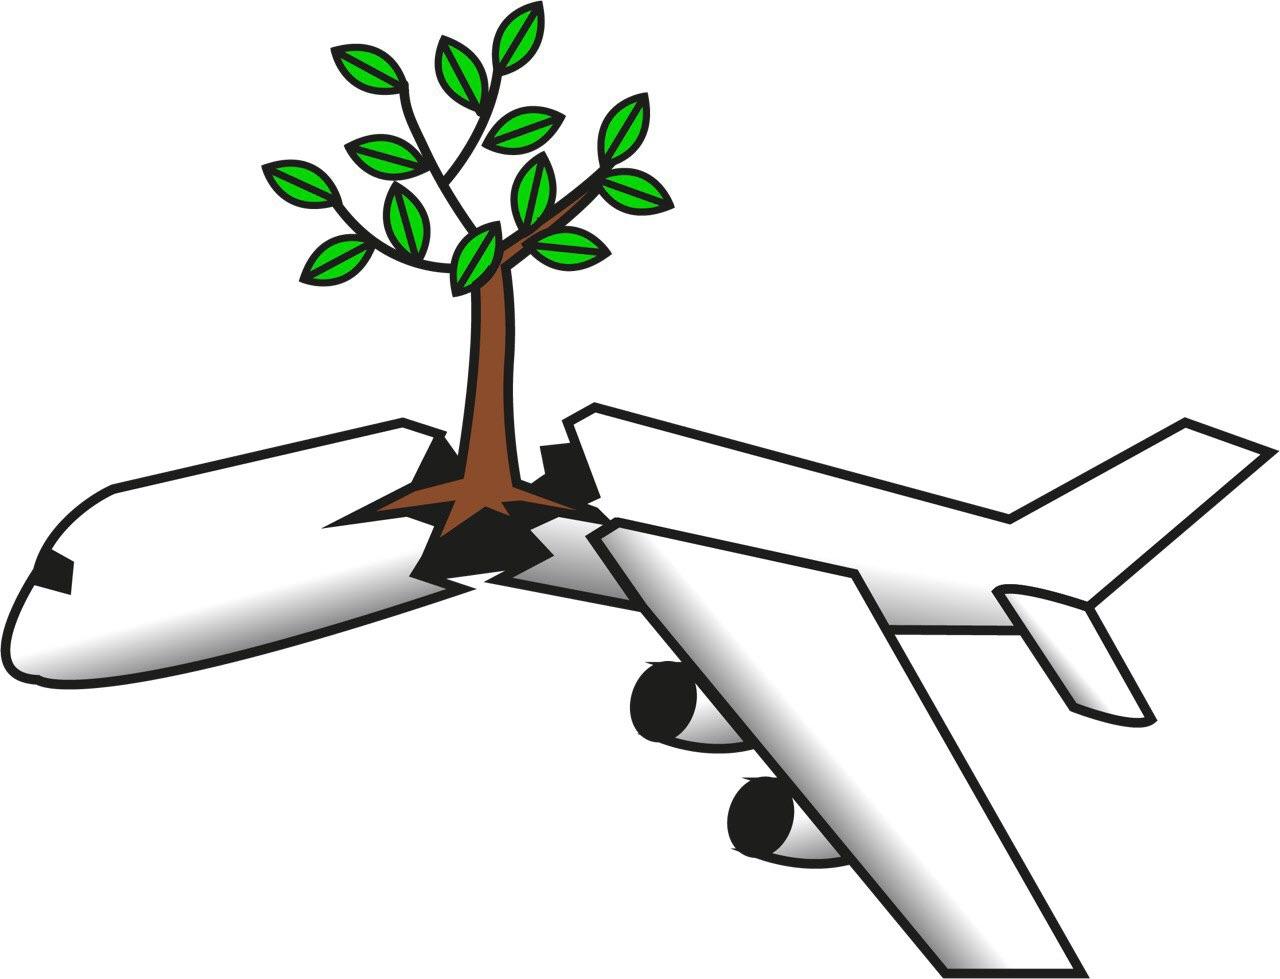 Unser Ziel - Möglichst viele Menschen sollen 2020 auf dem Boden bleiben und damit ein gesellschaftliches Umdenken auslösen! Um den ökologischen Kollaps zu verhindern, muss unsere Gesellschaft Mobilität umdenken. Als klimaschädlichster Faktor des Personenverkehrs muss der Flugverkehr sofort eingeschränkt werden. Deshalb entscheiden wir uns bewusst gegen das Fliegen und bleiben auf dem Boden.Unsere Eintscheidung soll nicht nur direkte Auswirkungen auf unsere CO2 Emissionen haben, sondern auch ein starkes Signal an die Politik senden!Mach mit oder lern mehr über unser Ziel!